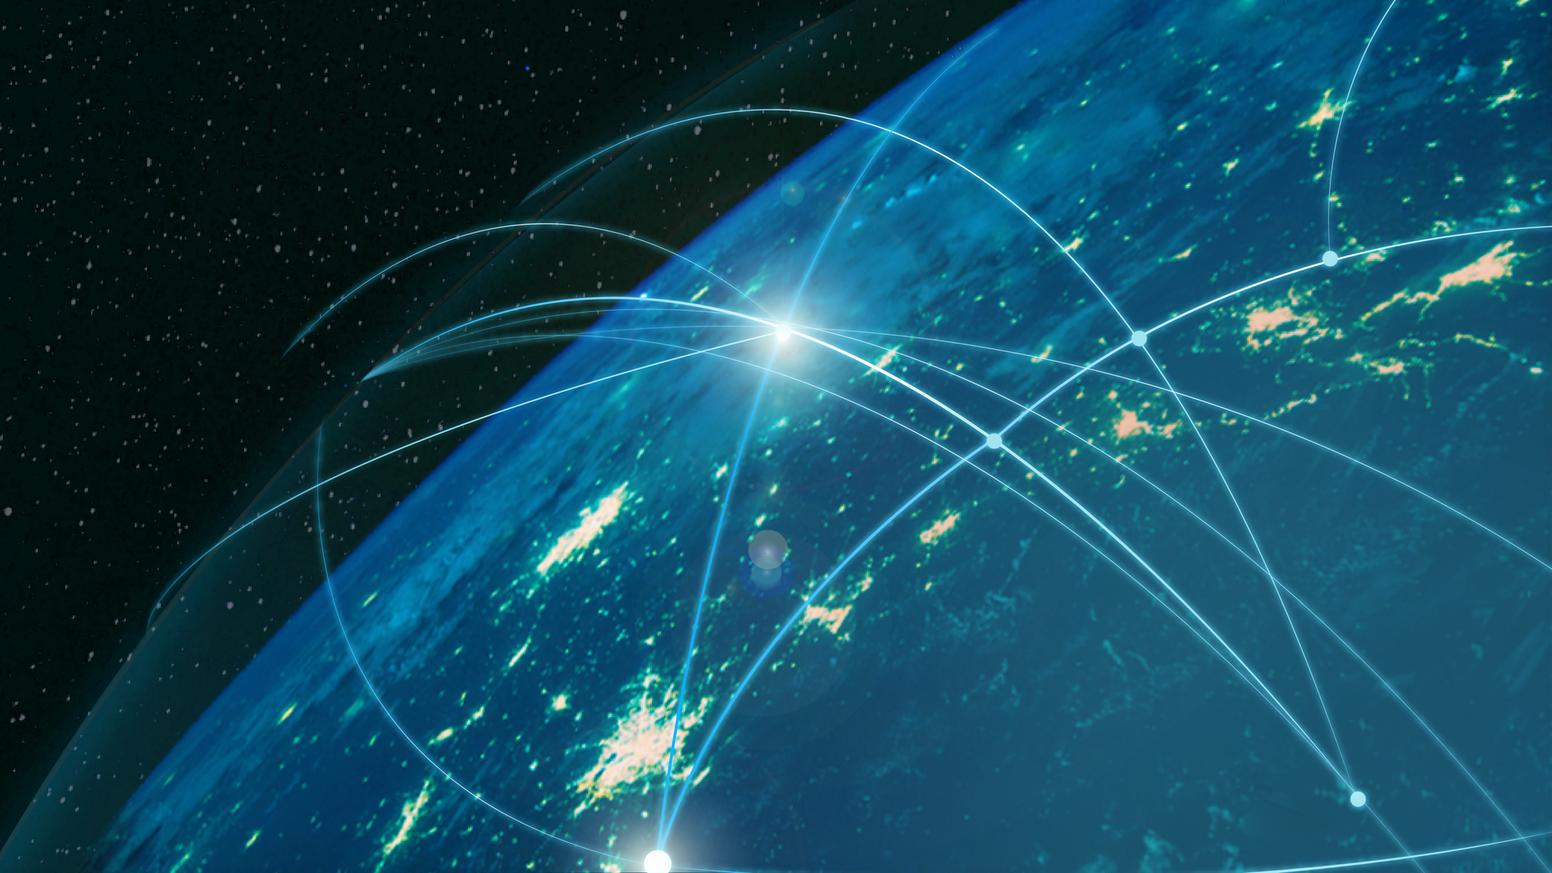 Instituciones bancarias europeas realizaron transferencia de fondos utilizando tecnología blockchain